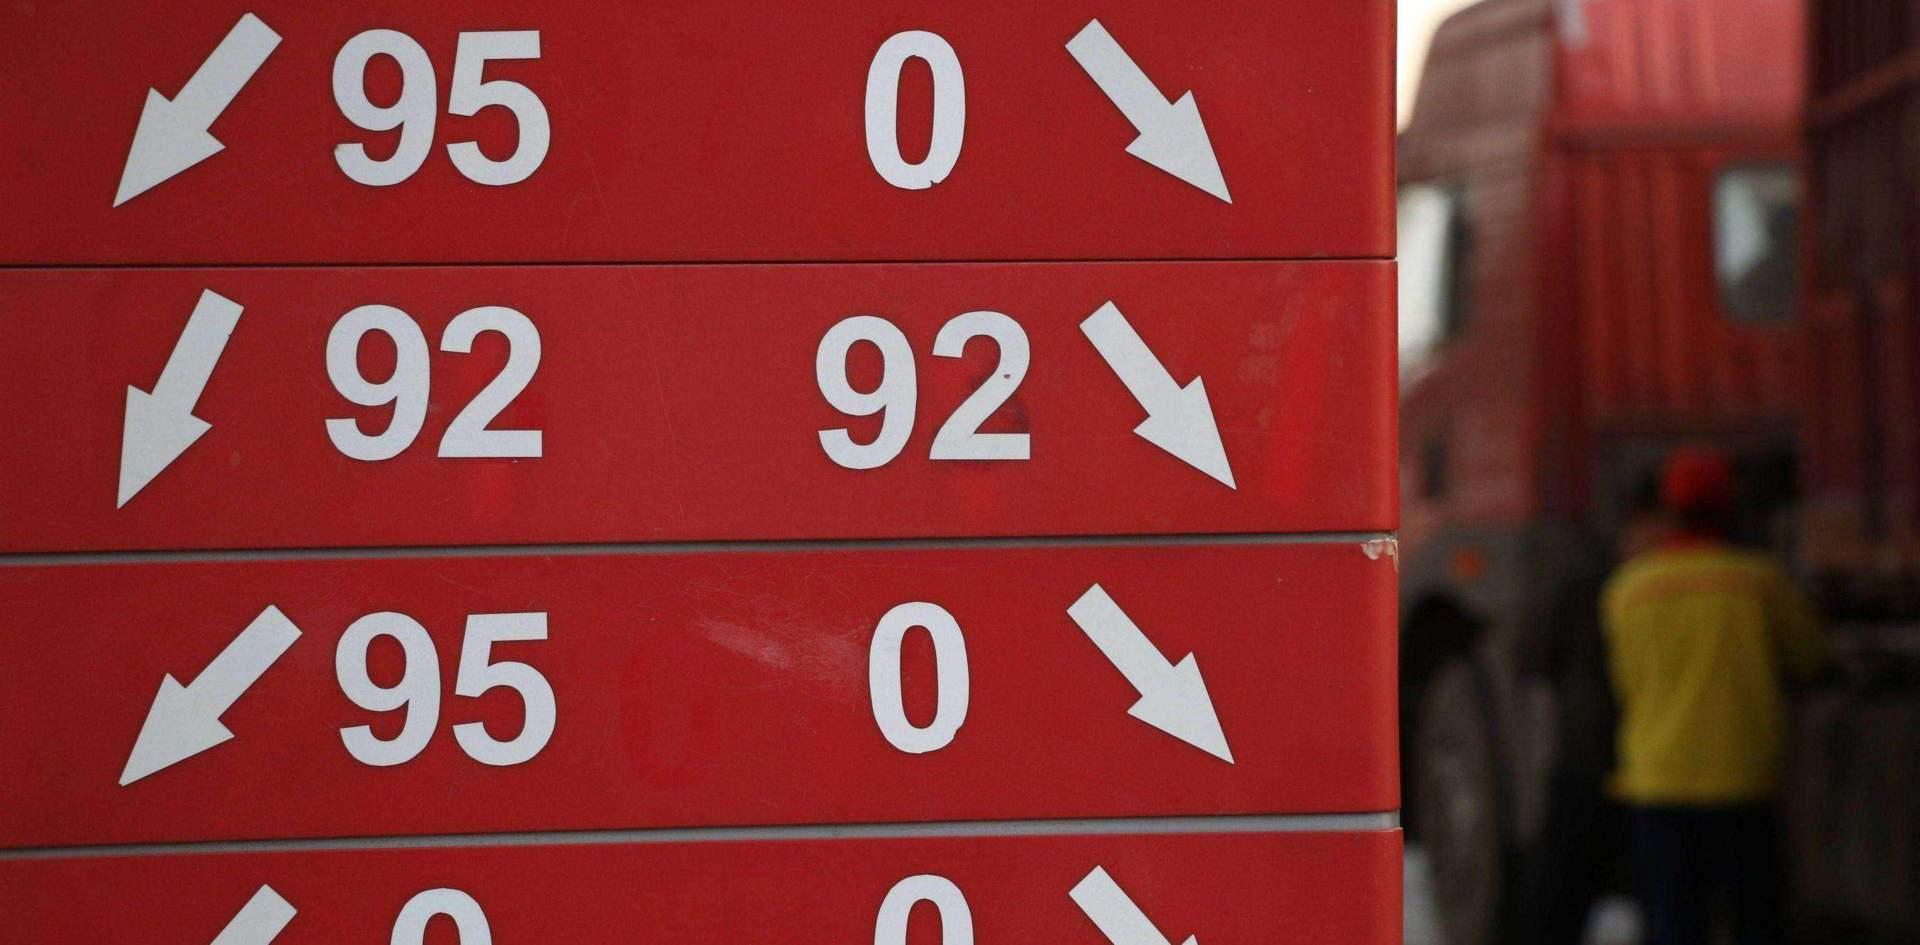 真相让人意想不到  95号汽油真比92号耐烧